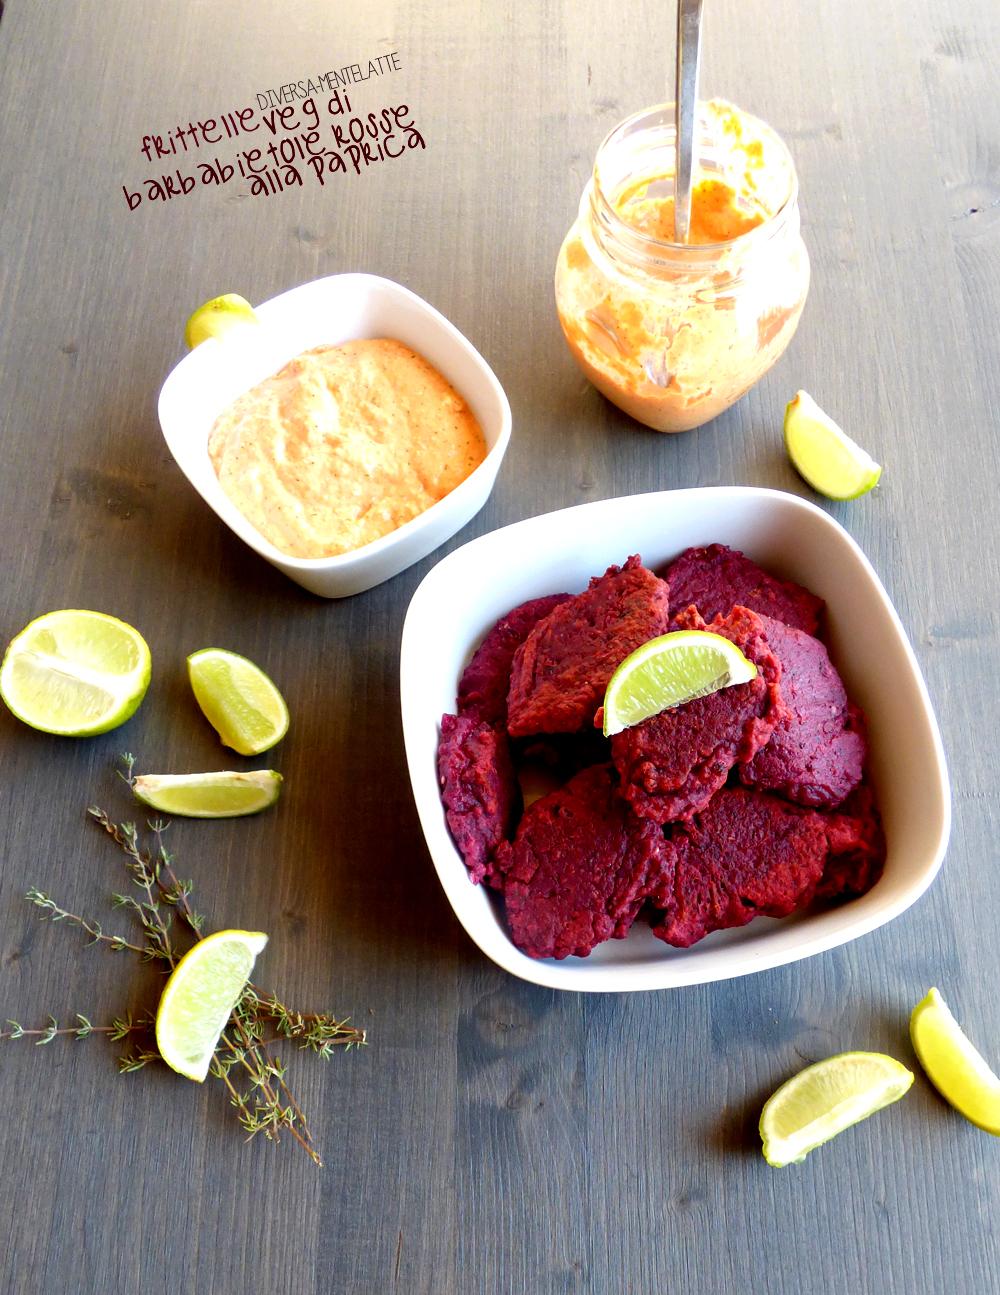 frittelle veg di barbabietole rosse con salsa